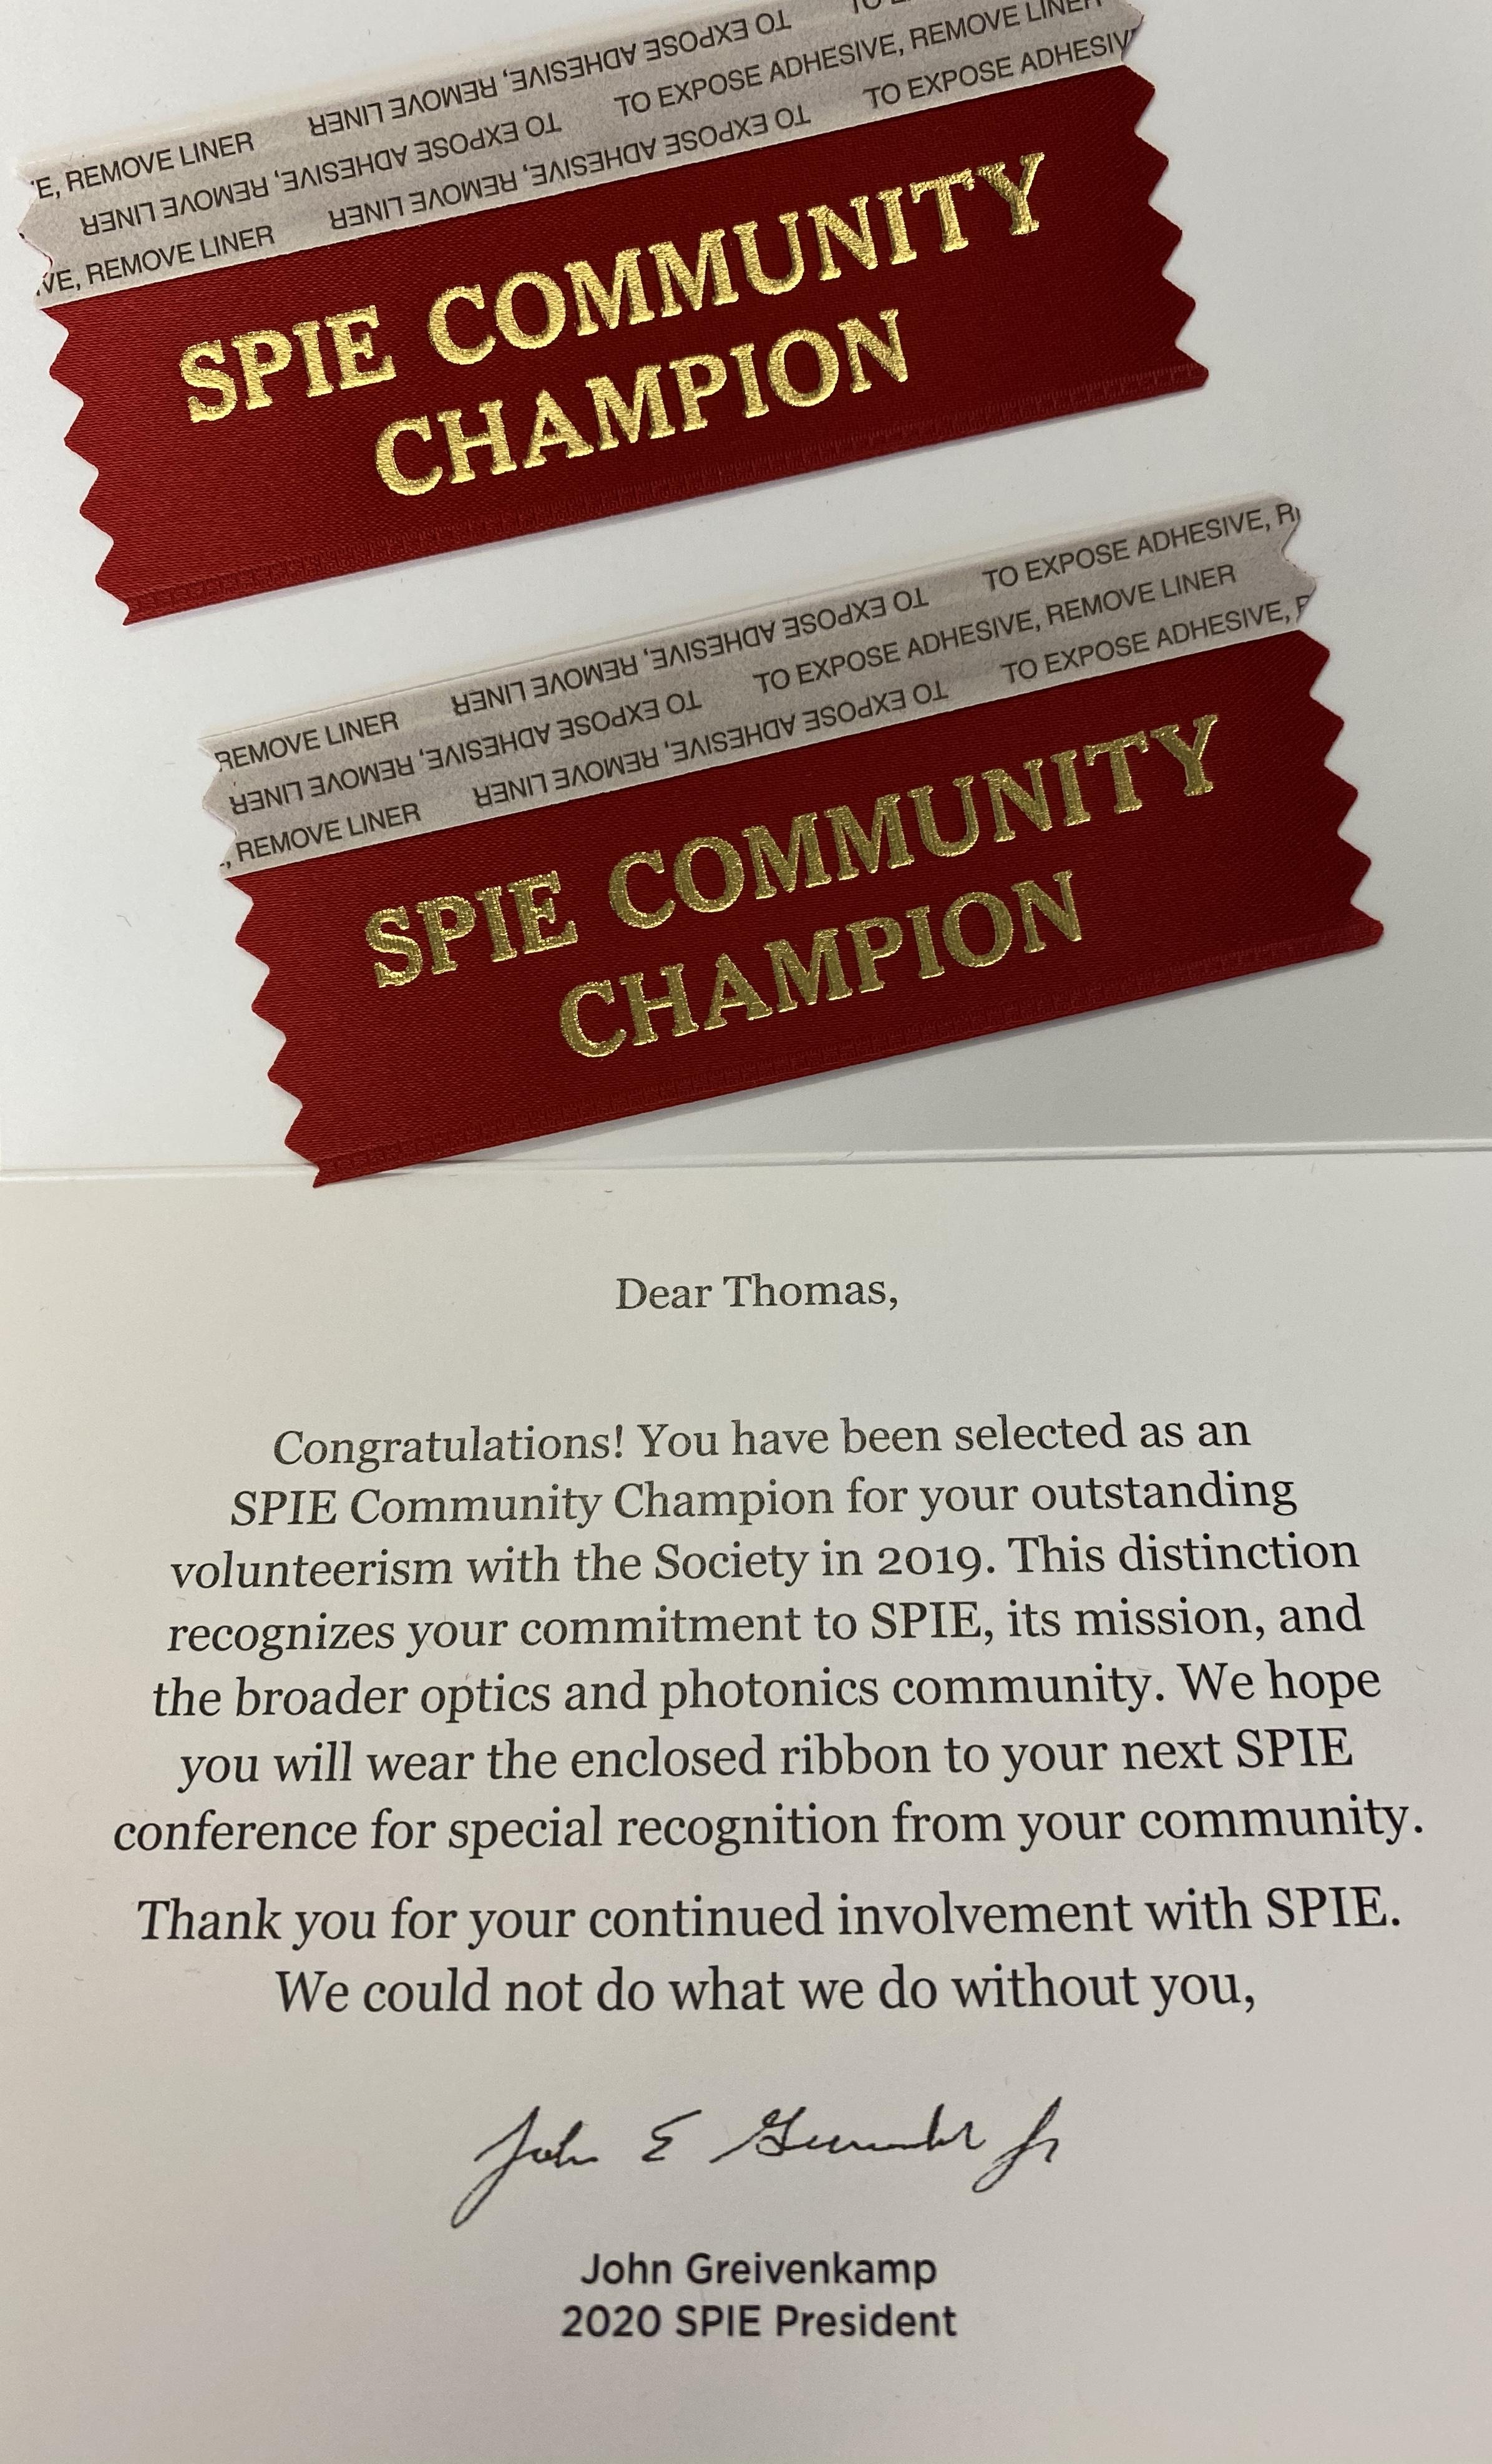 SPIE Community Champion